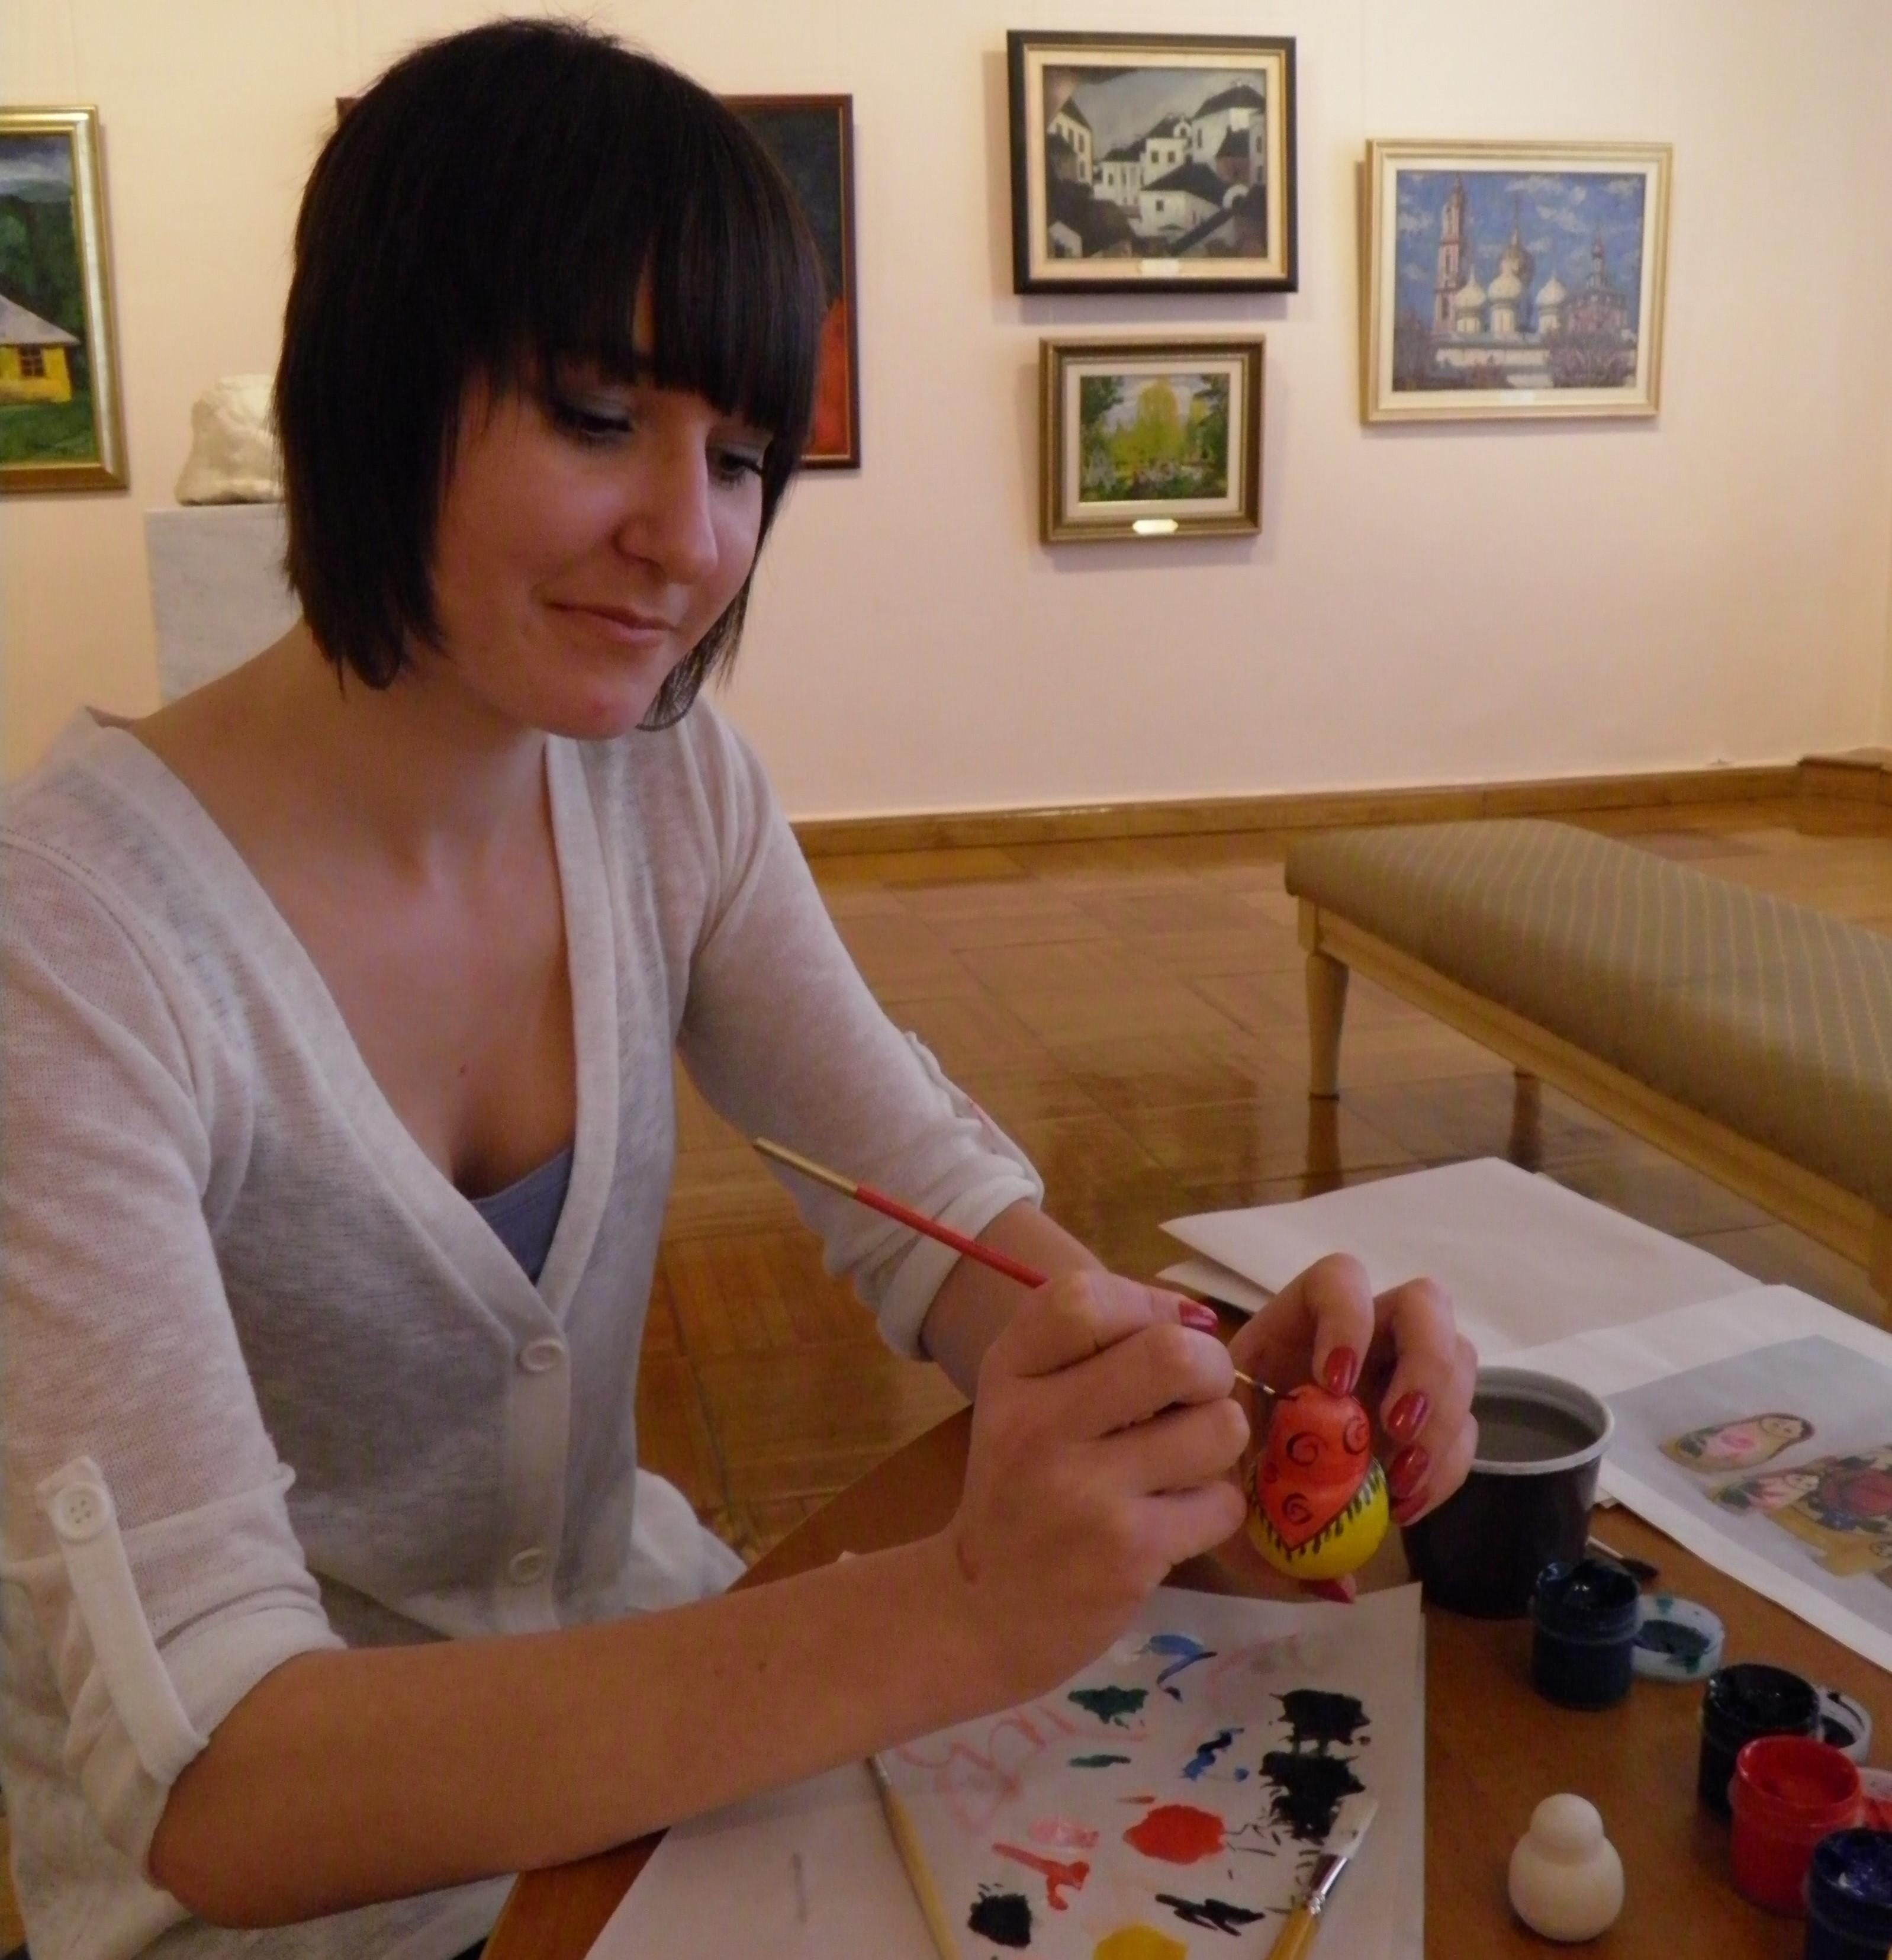 マトリョーシカ絵付け教室 ※画像はイメージです